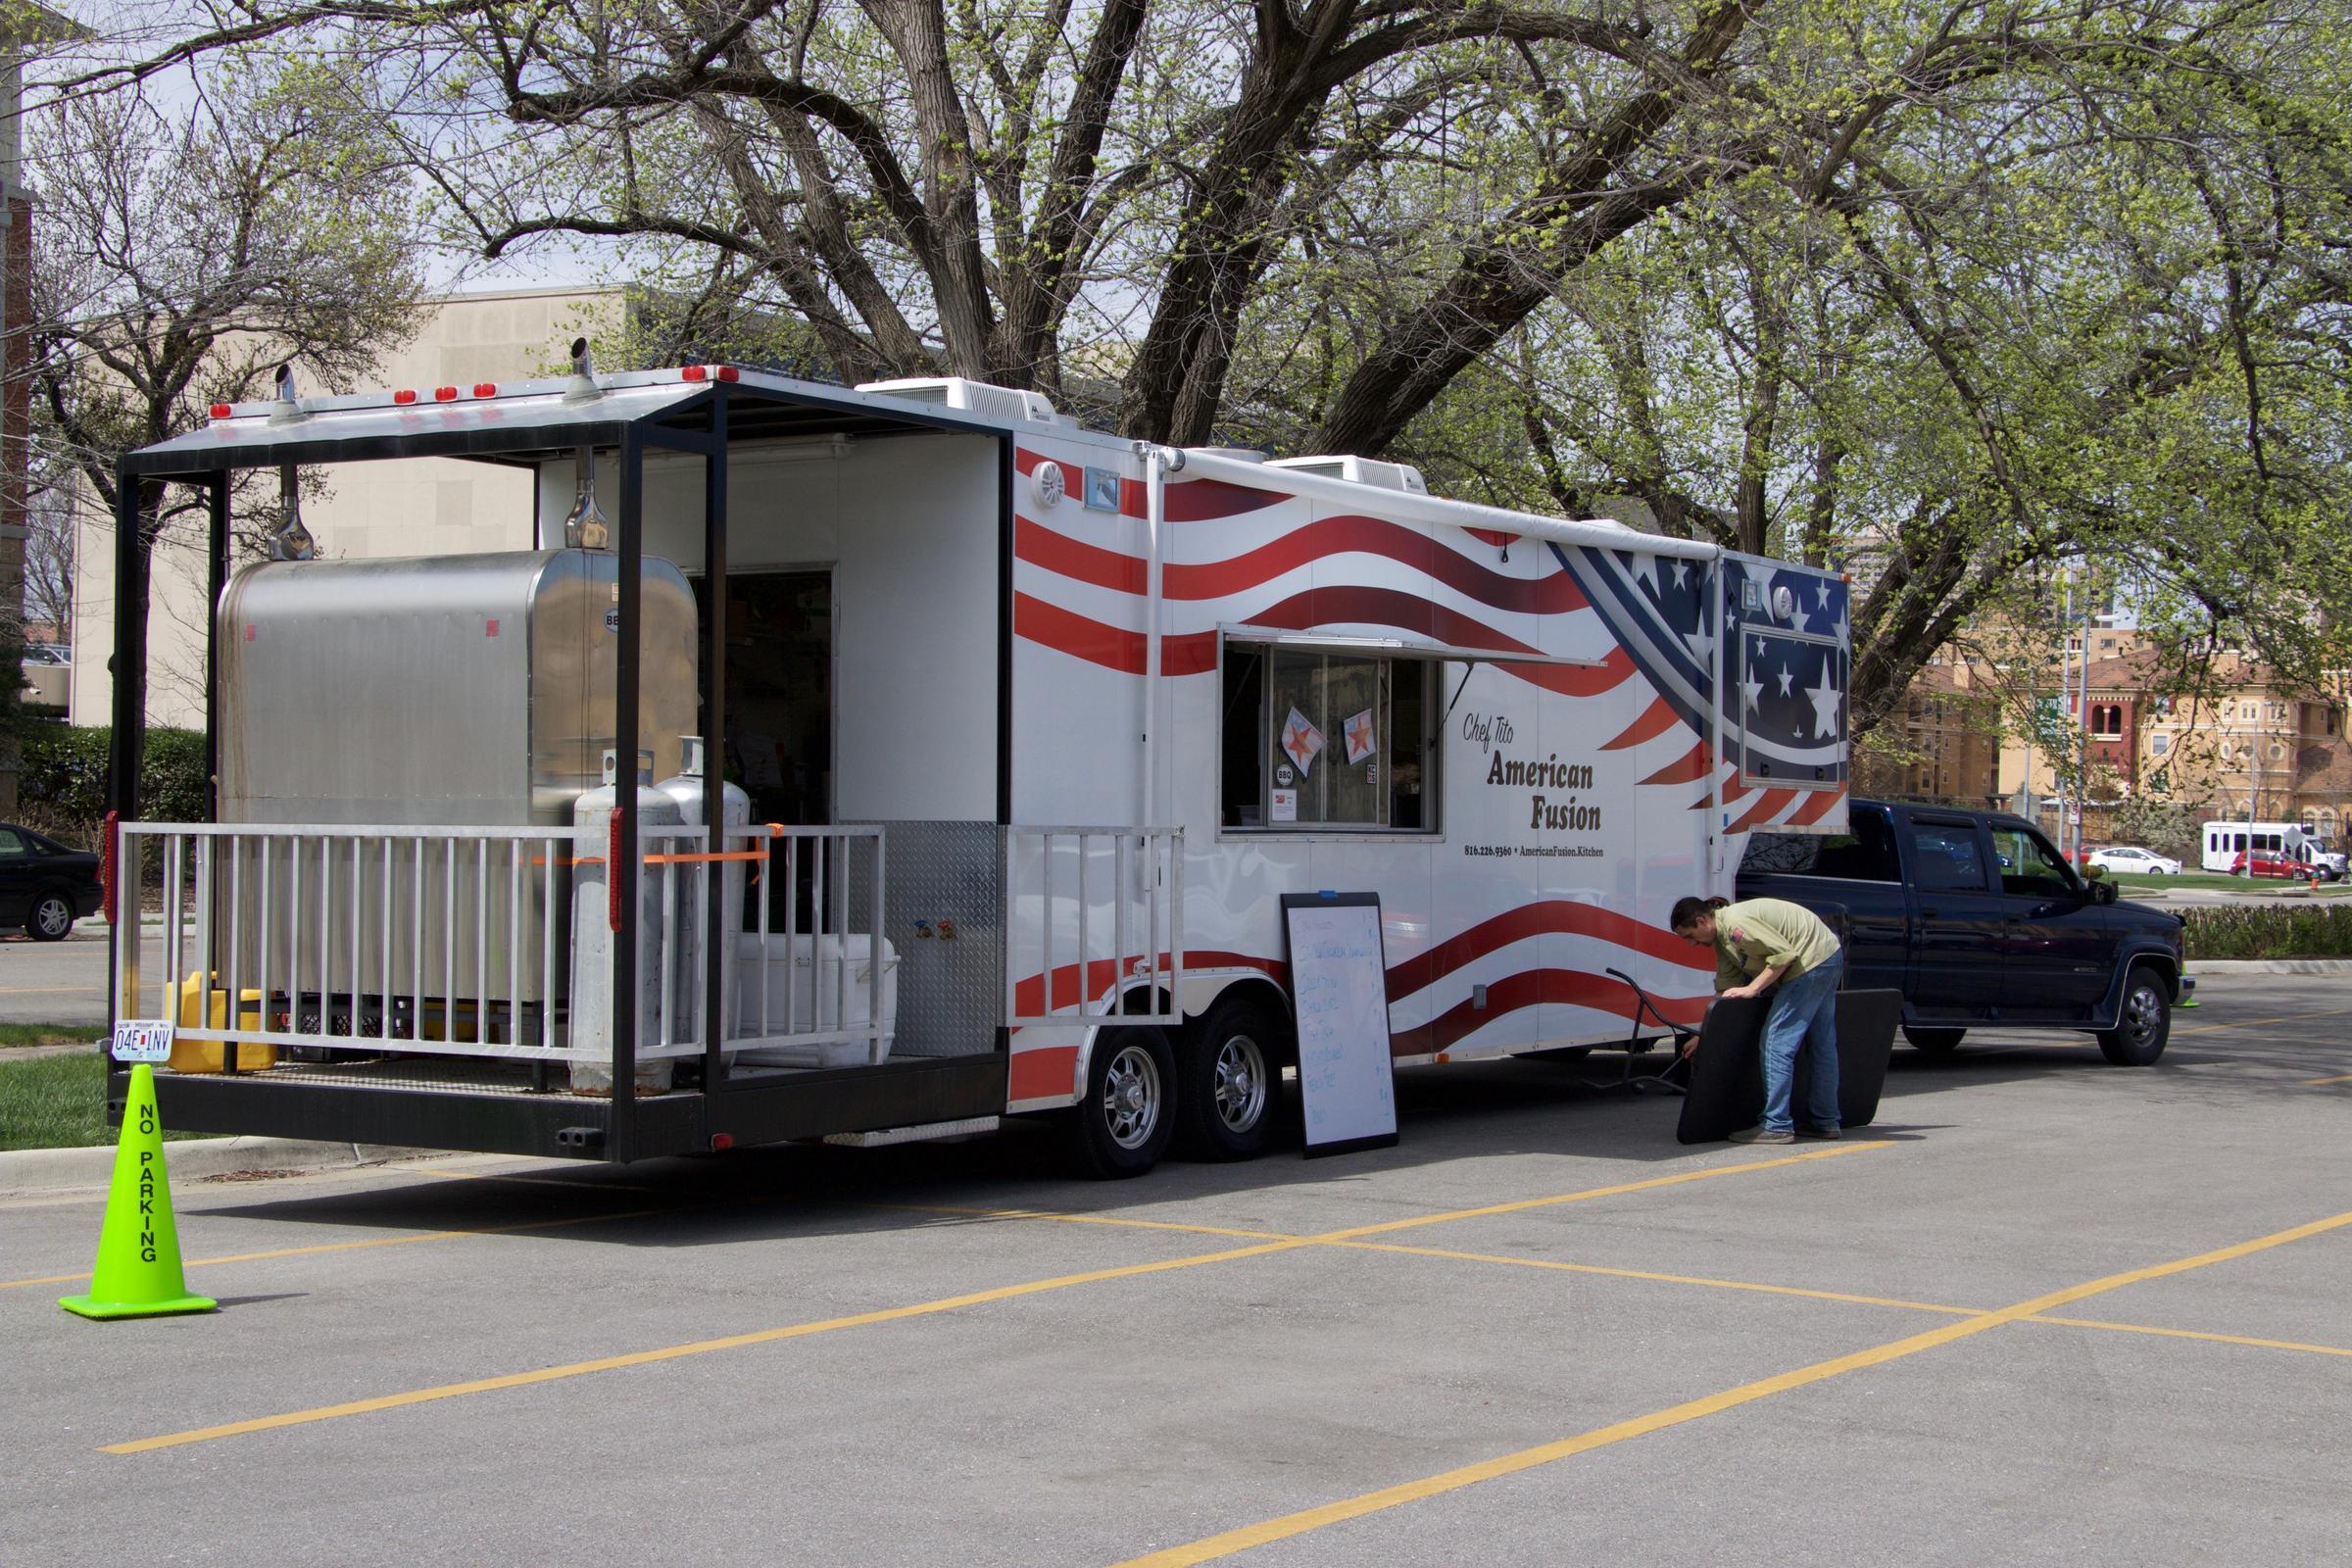 Kansas City Food Truck Event